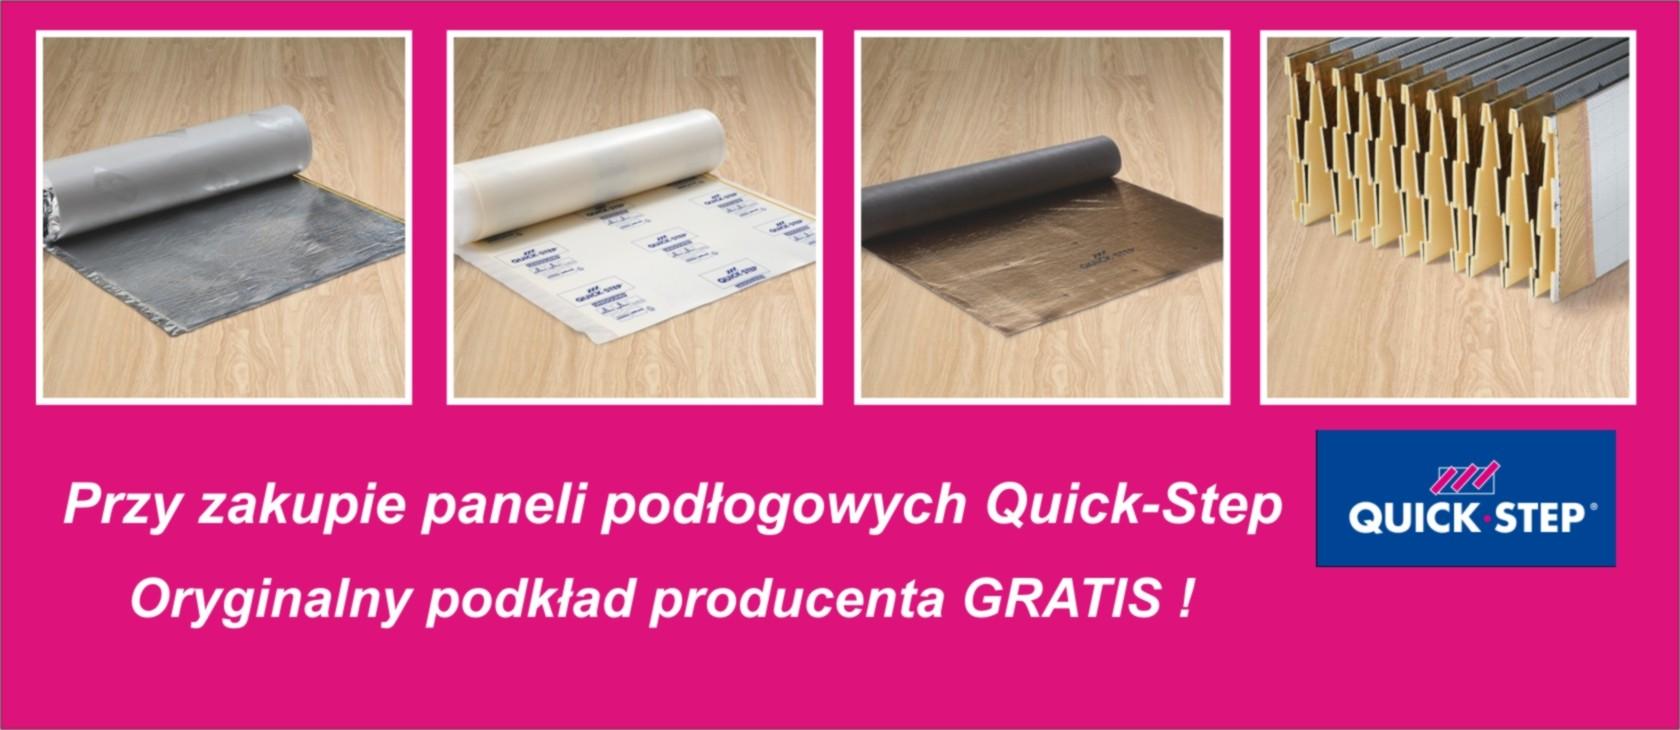 Podkłady pod panele Quick Step Promocja